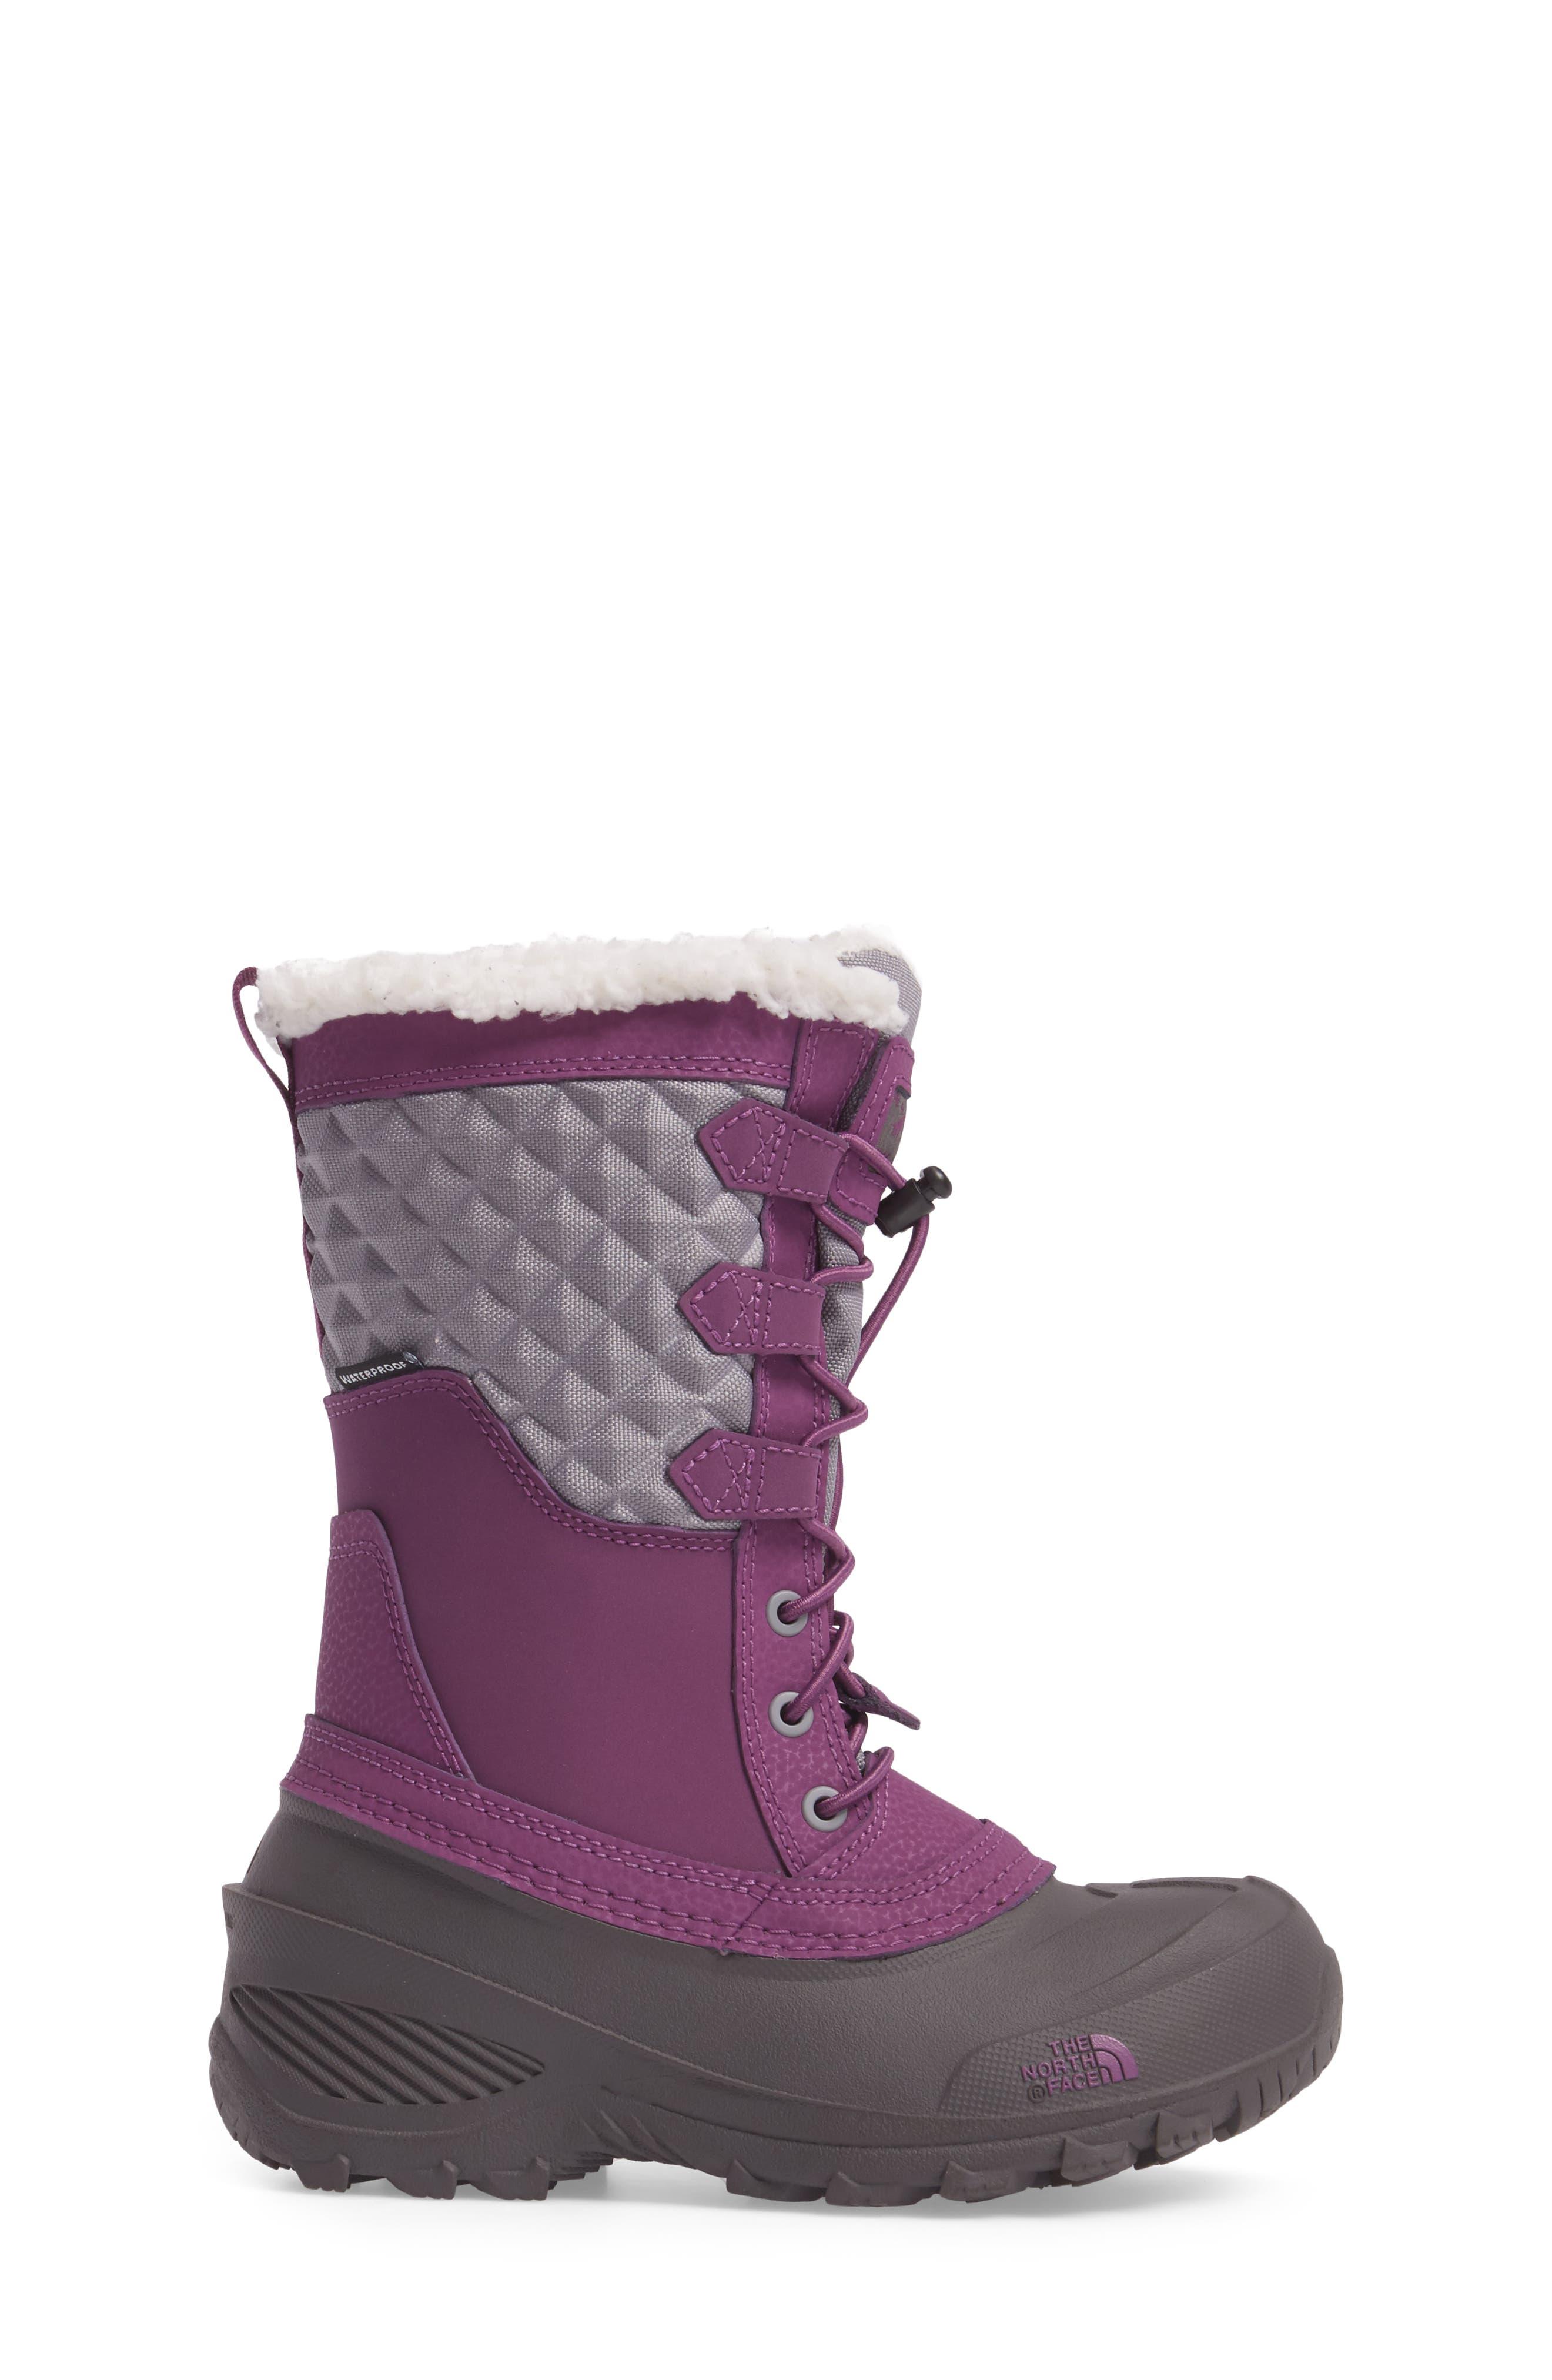 Shellista Lace III Faux Fur Waterproof Boot,                             Alternate thumbnail 9, color,